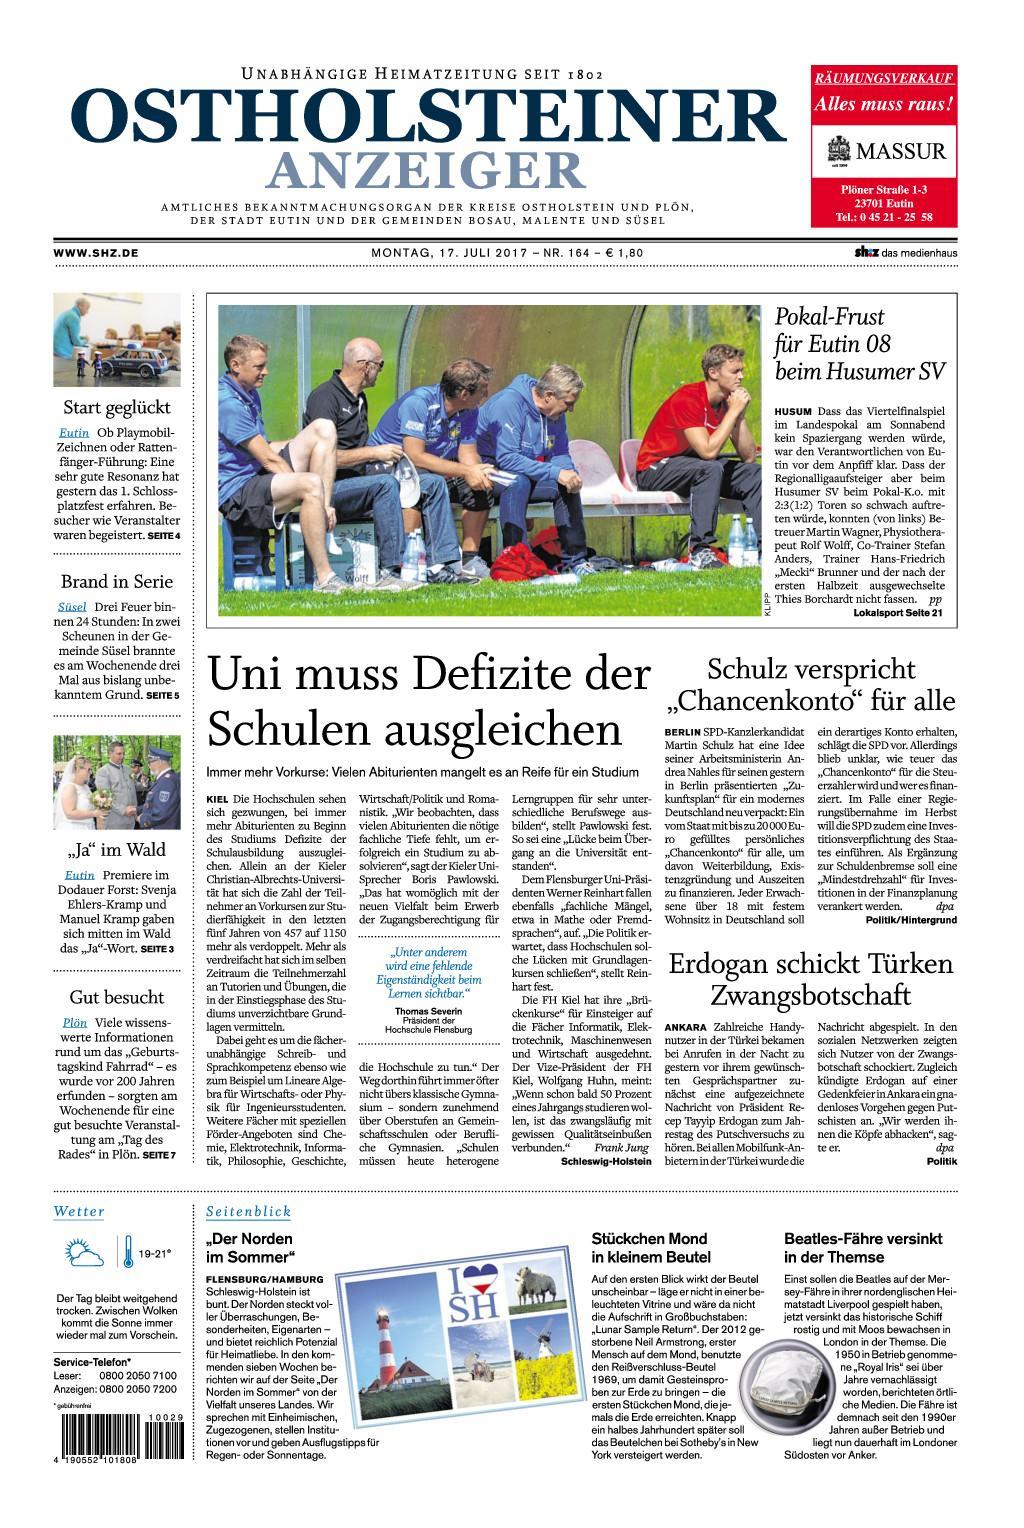 : Ostholsteiner Anzeiger 17 Juli 2017